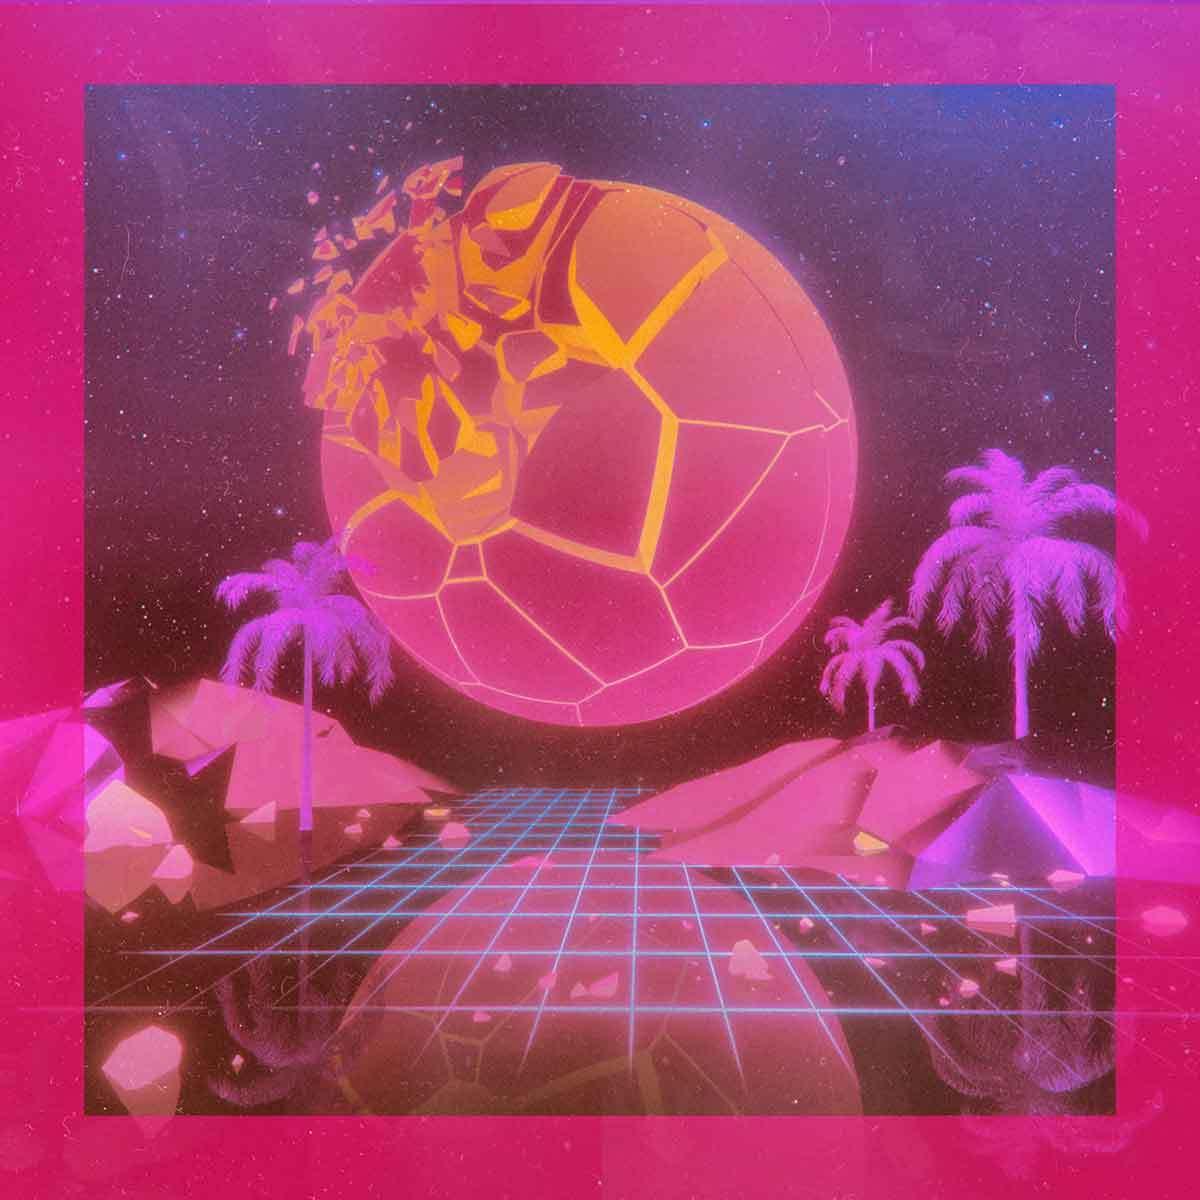 futuristic-illustrations-beeple-crap-12